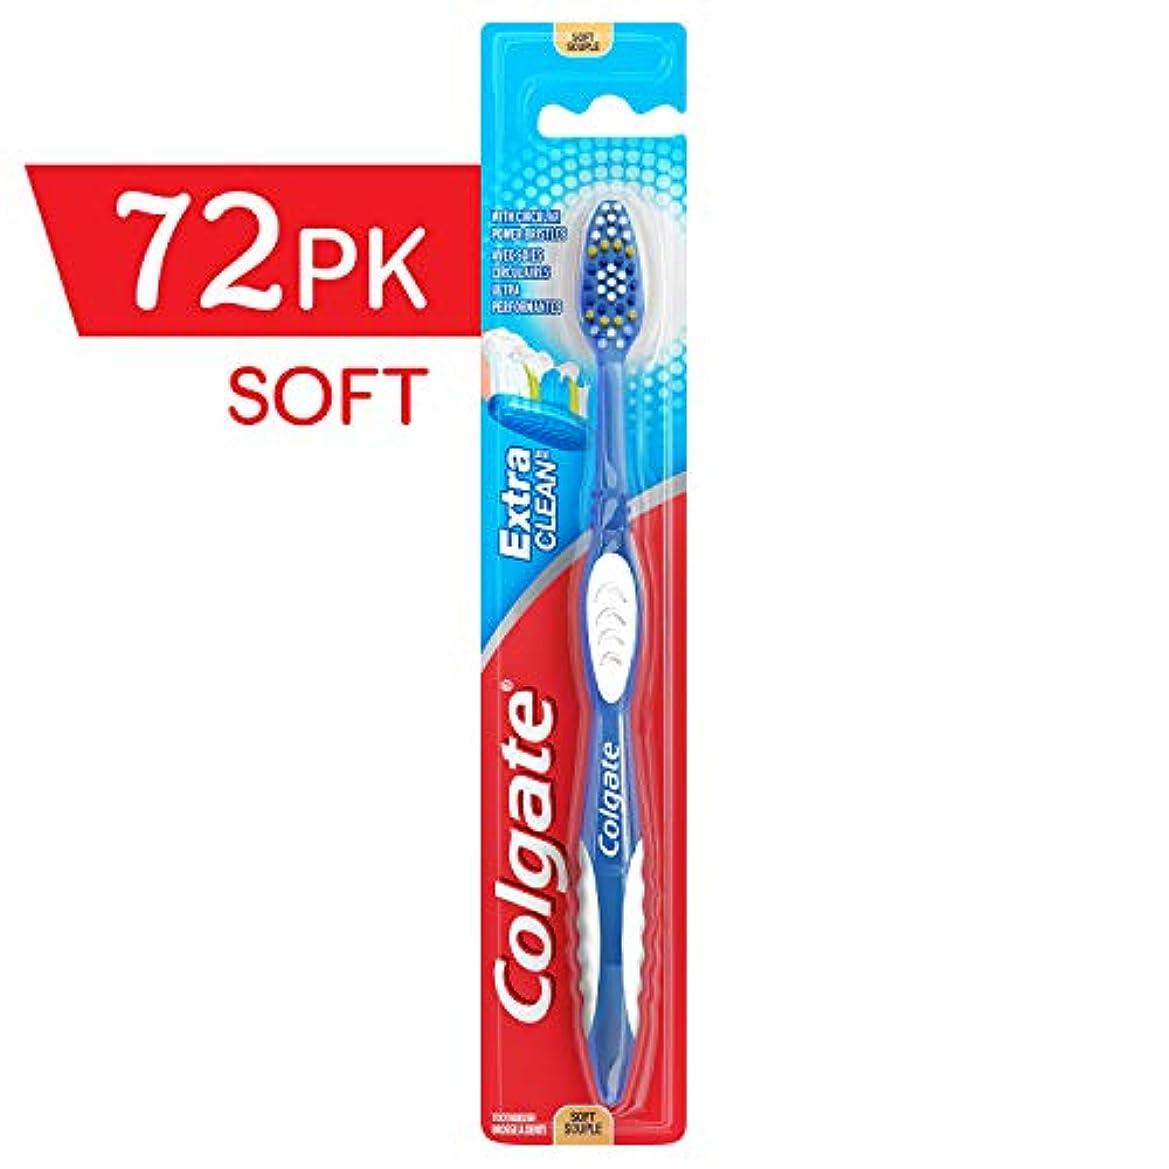 除外する変な切断するColgate エクストラクリーン歯ブラシソフト、柔らかい歯ブラシ、バルク歯ブラシ、旅行歯ブラシ、(72の場合)(モデル番号:155676)